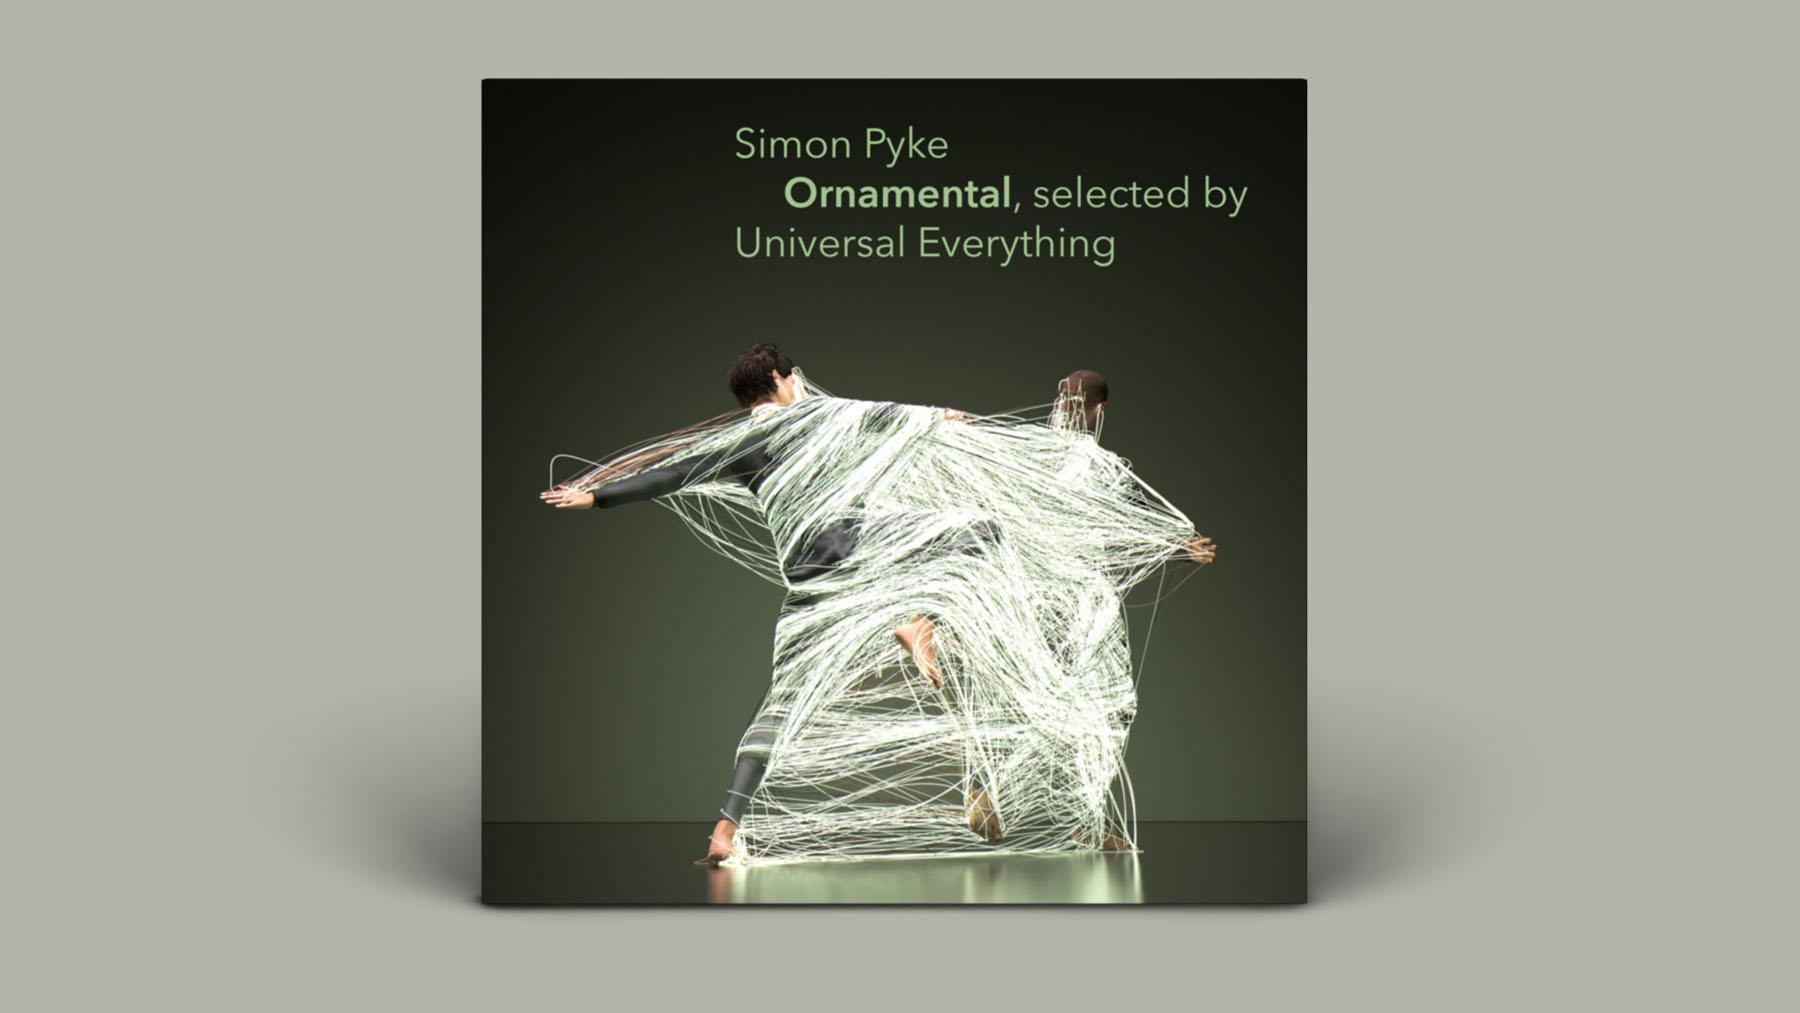 Ornamental - Digital Album